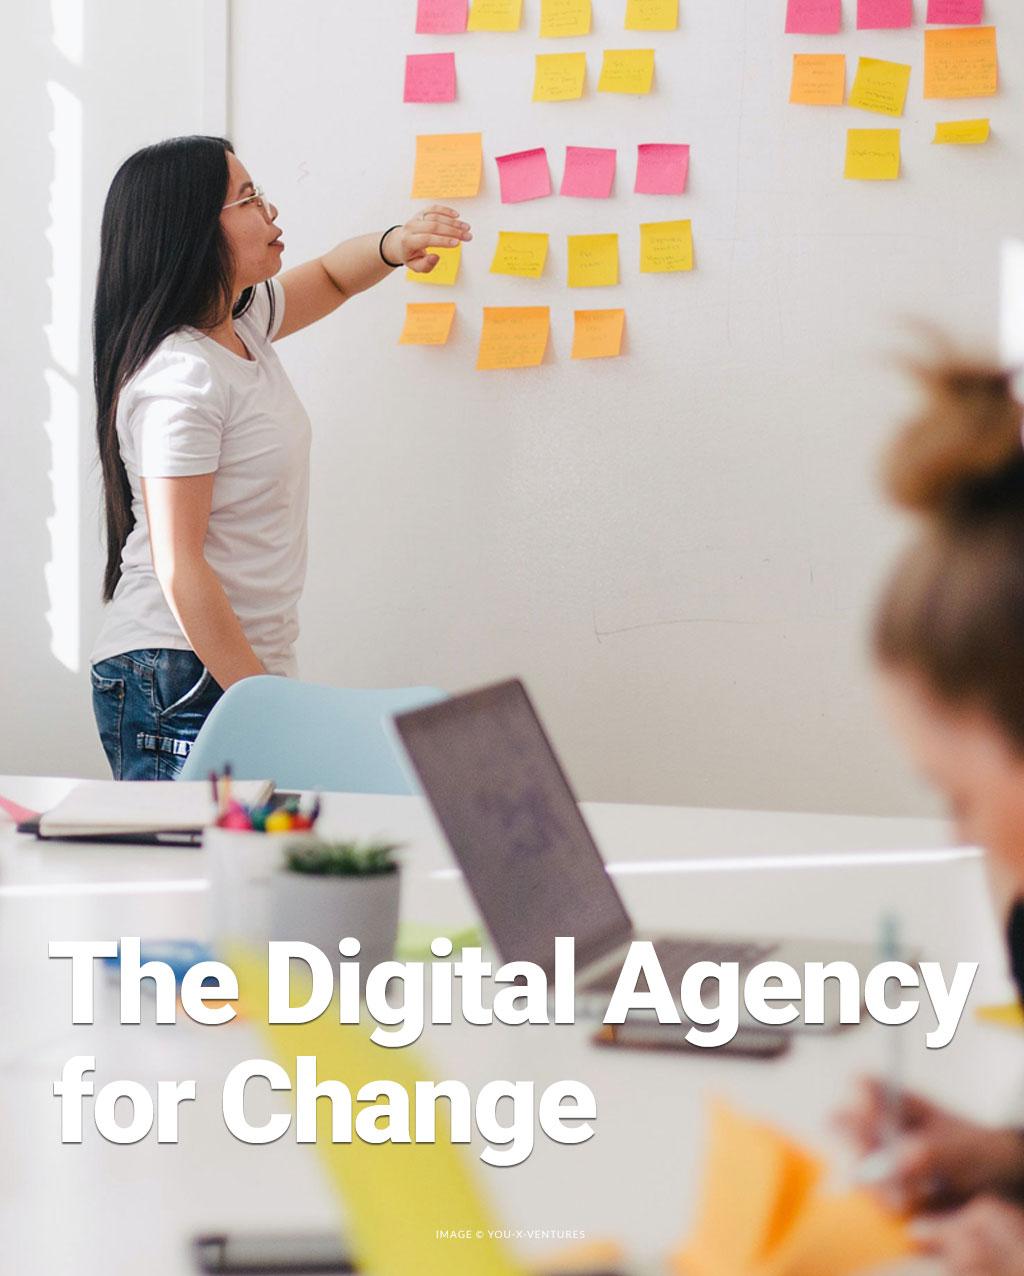 karen-national-team-full-image-header-mobile-digital-agency-for-change2